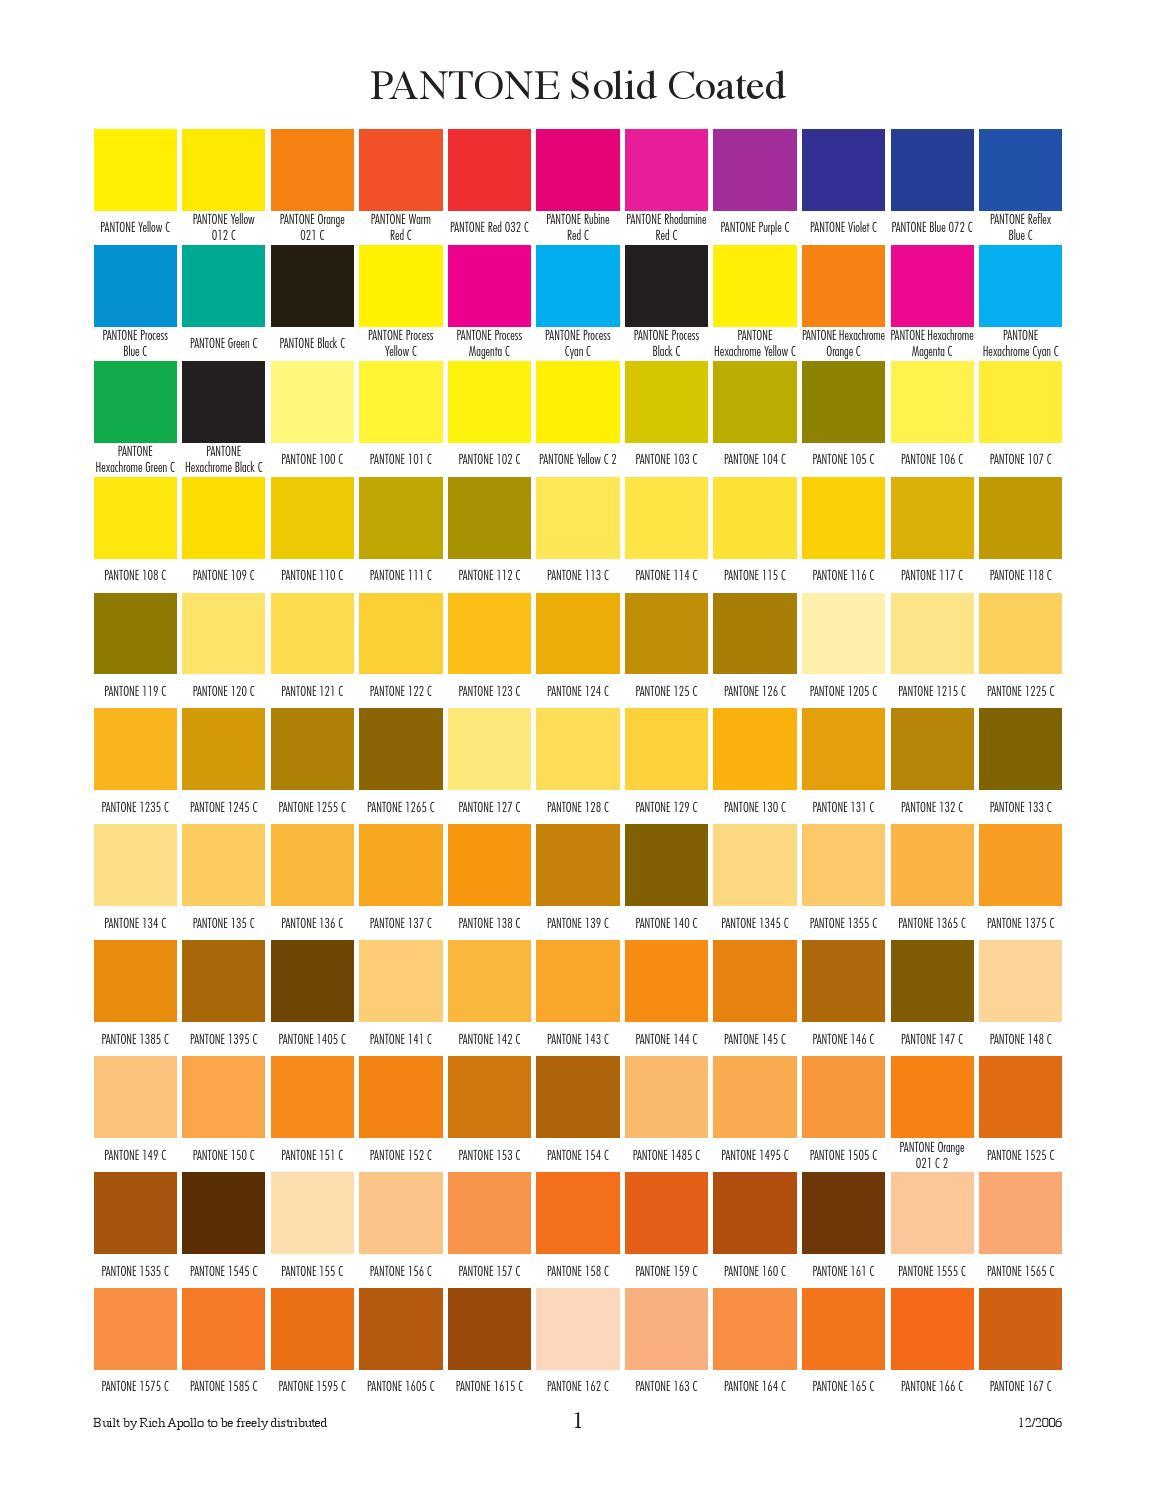 pantone by Marce Maldonado - issuu: issuu.com/marcemaldonado/docs/pantone